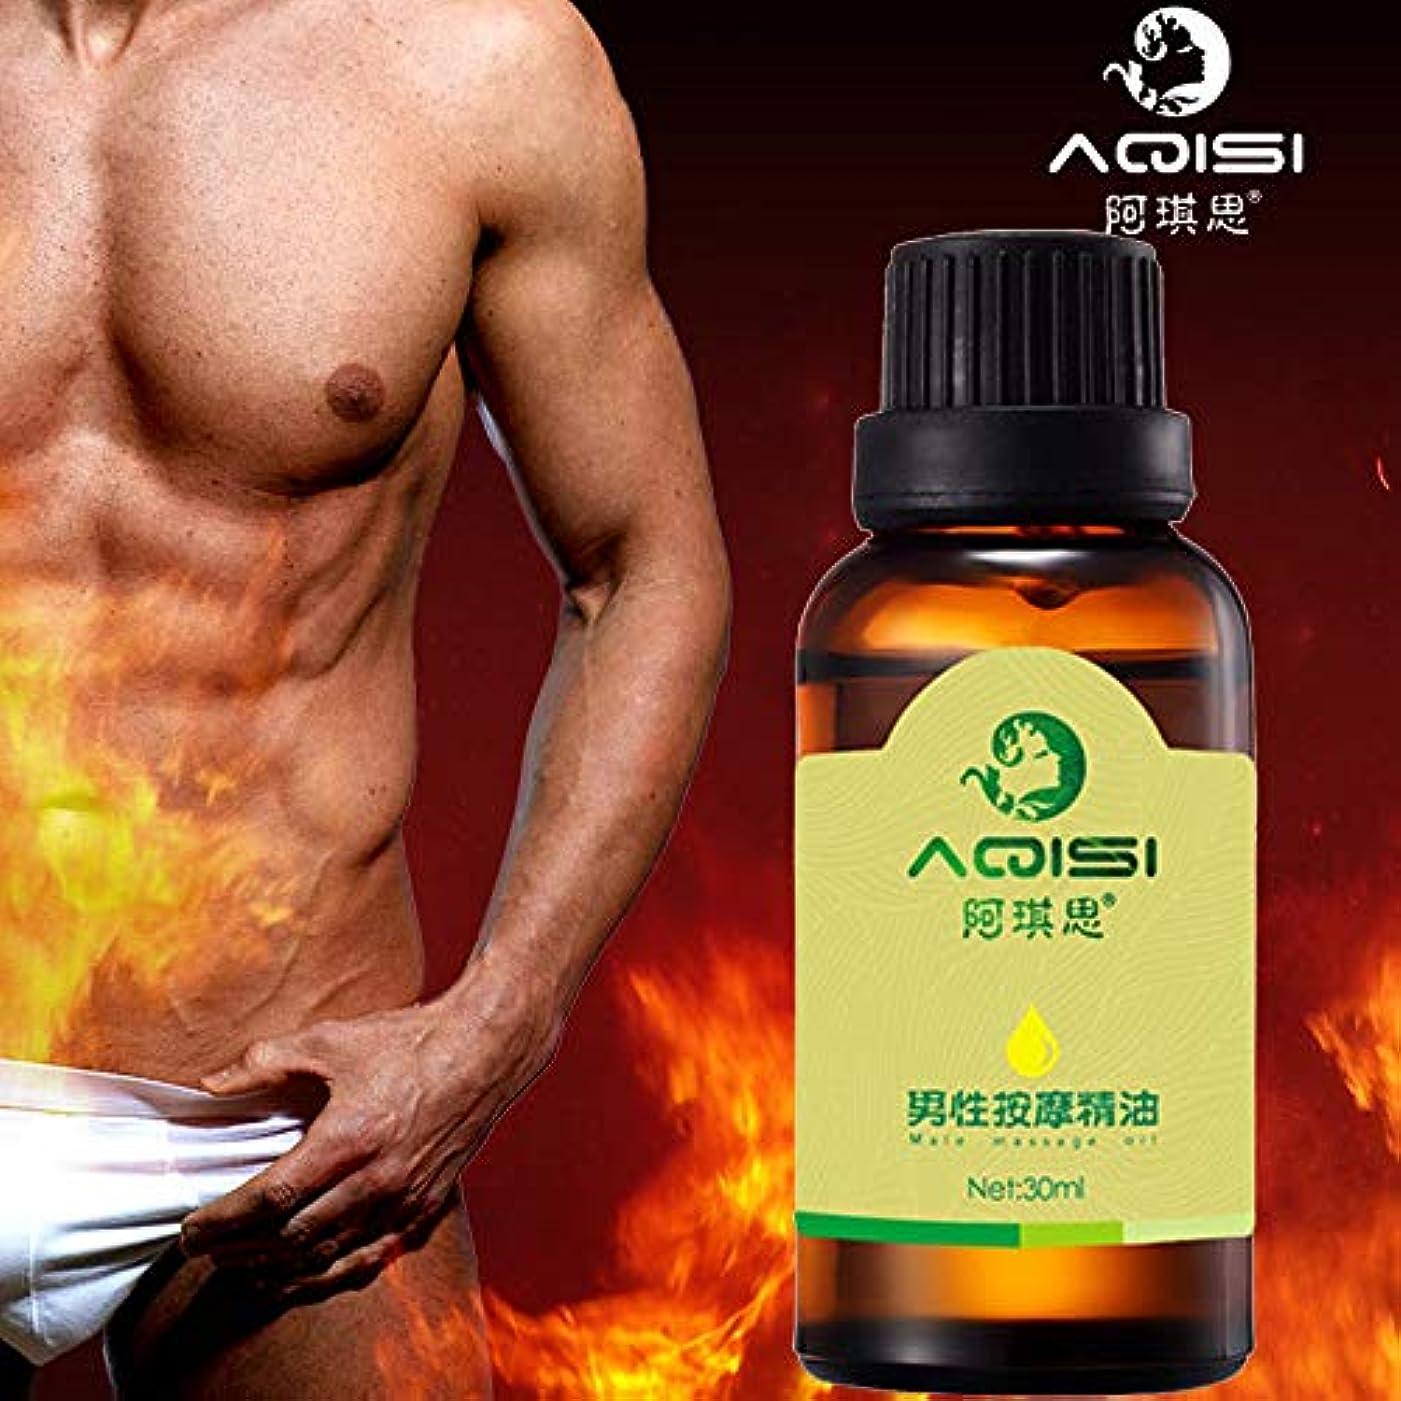 繁栄千狂うEldori Male Growth Penis Extender Enlarger Increase Herbal Enlargement Essential Oil エッセンシャルオイル ペニス用 マッサージオイル...